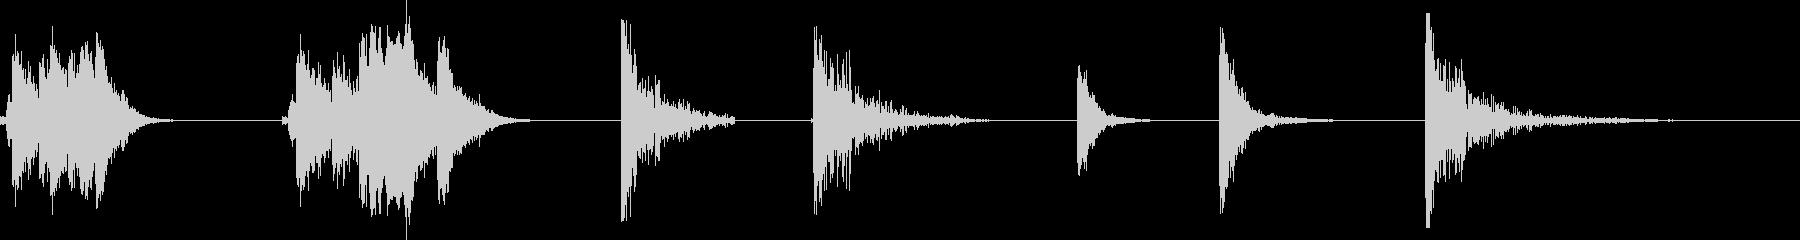 残響金属の影響X7の未再生の波形